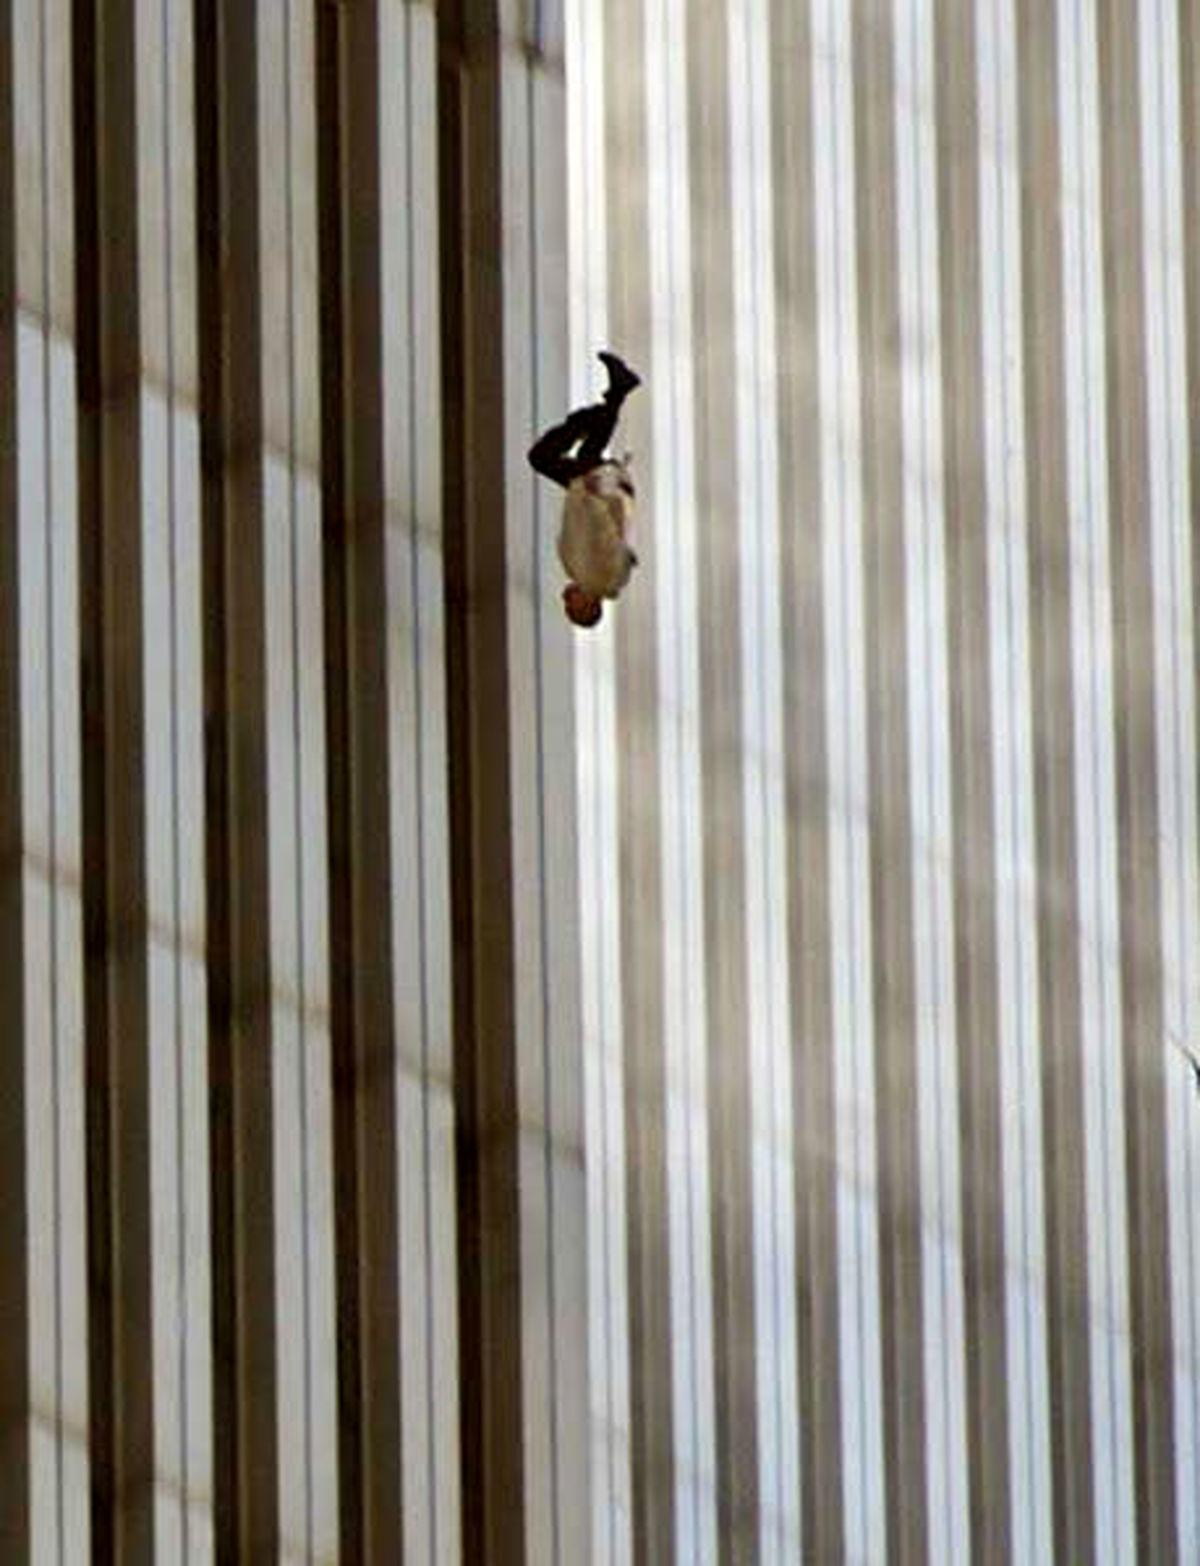 فیلم و عکس های دیده نشده از سقوط زن سوئیسی از برج کامرانیه